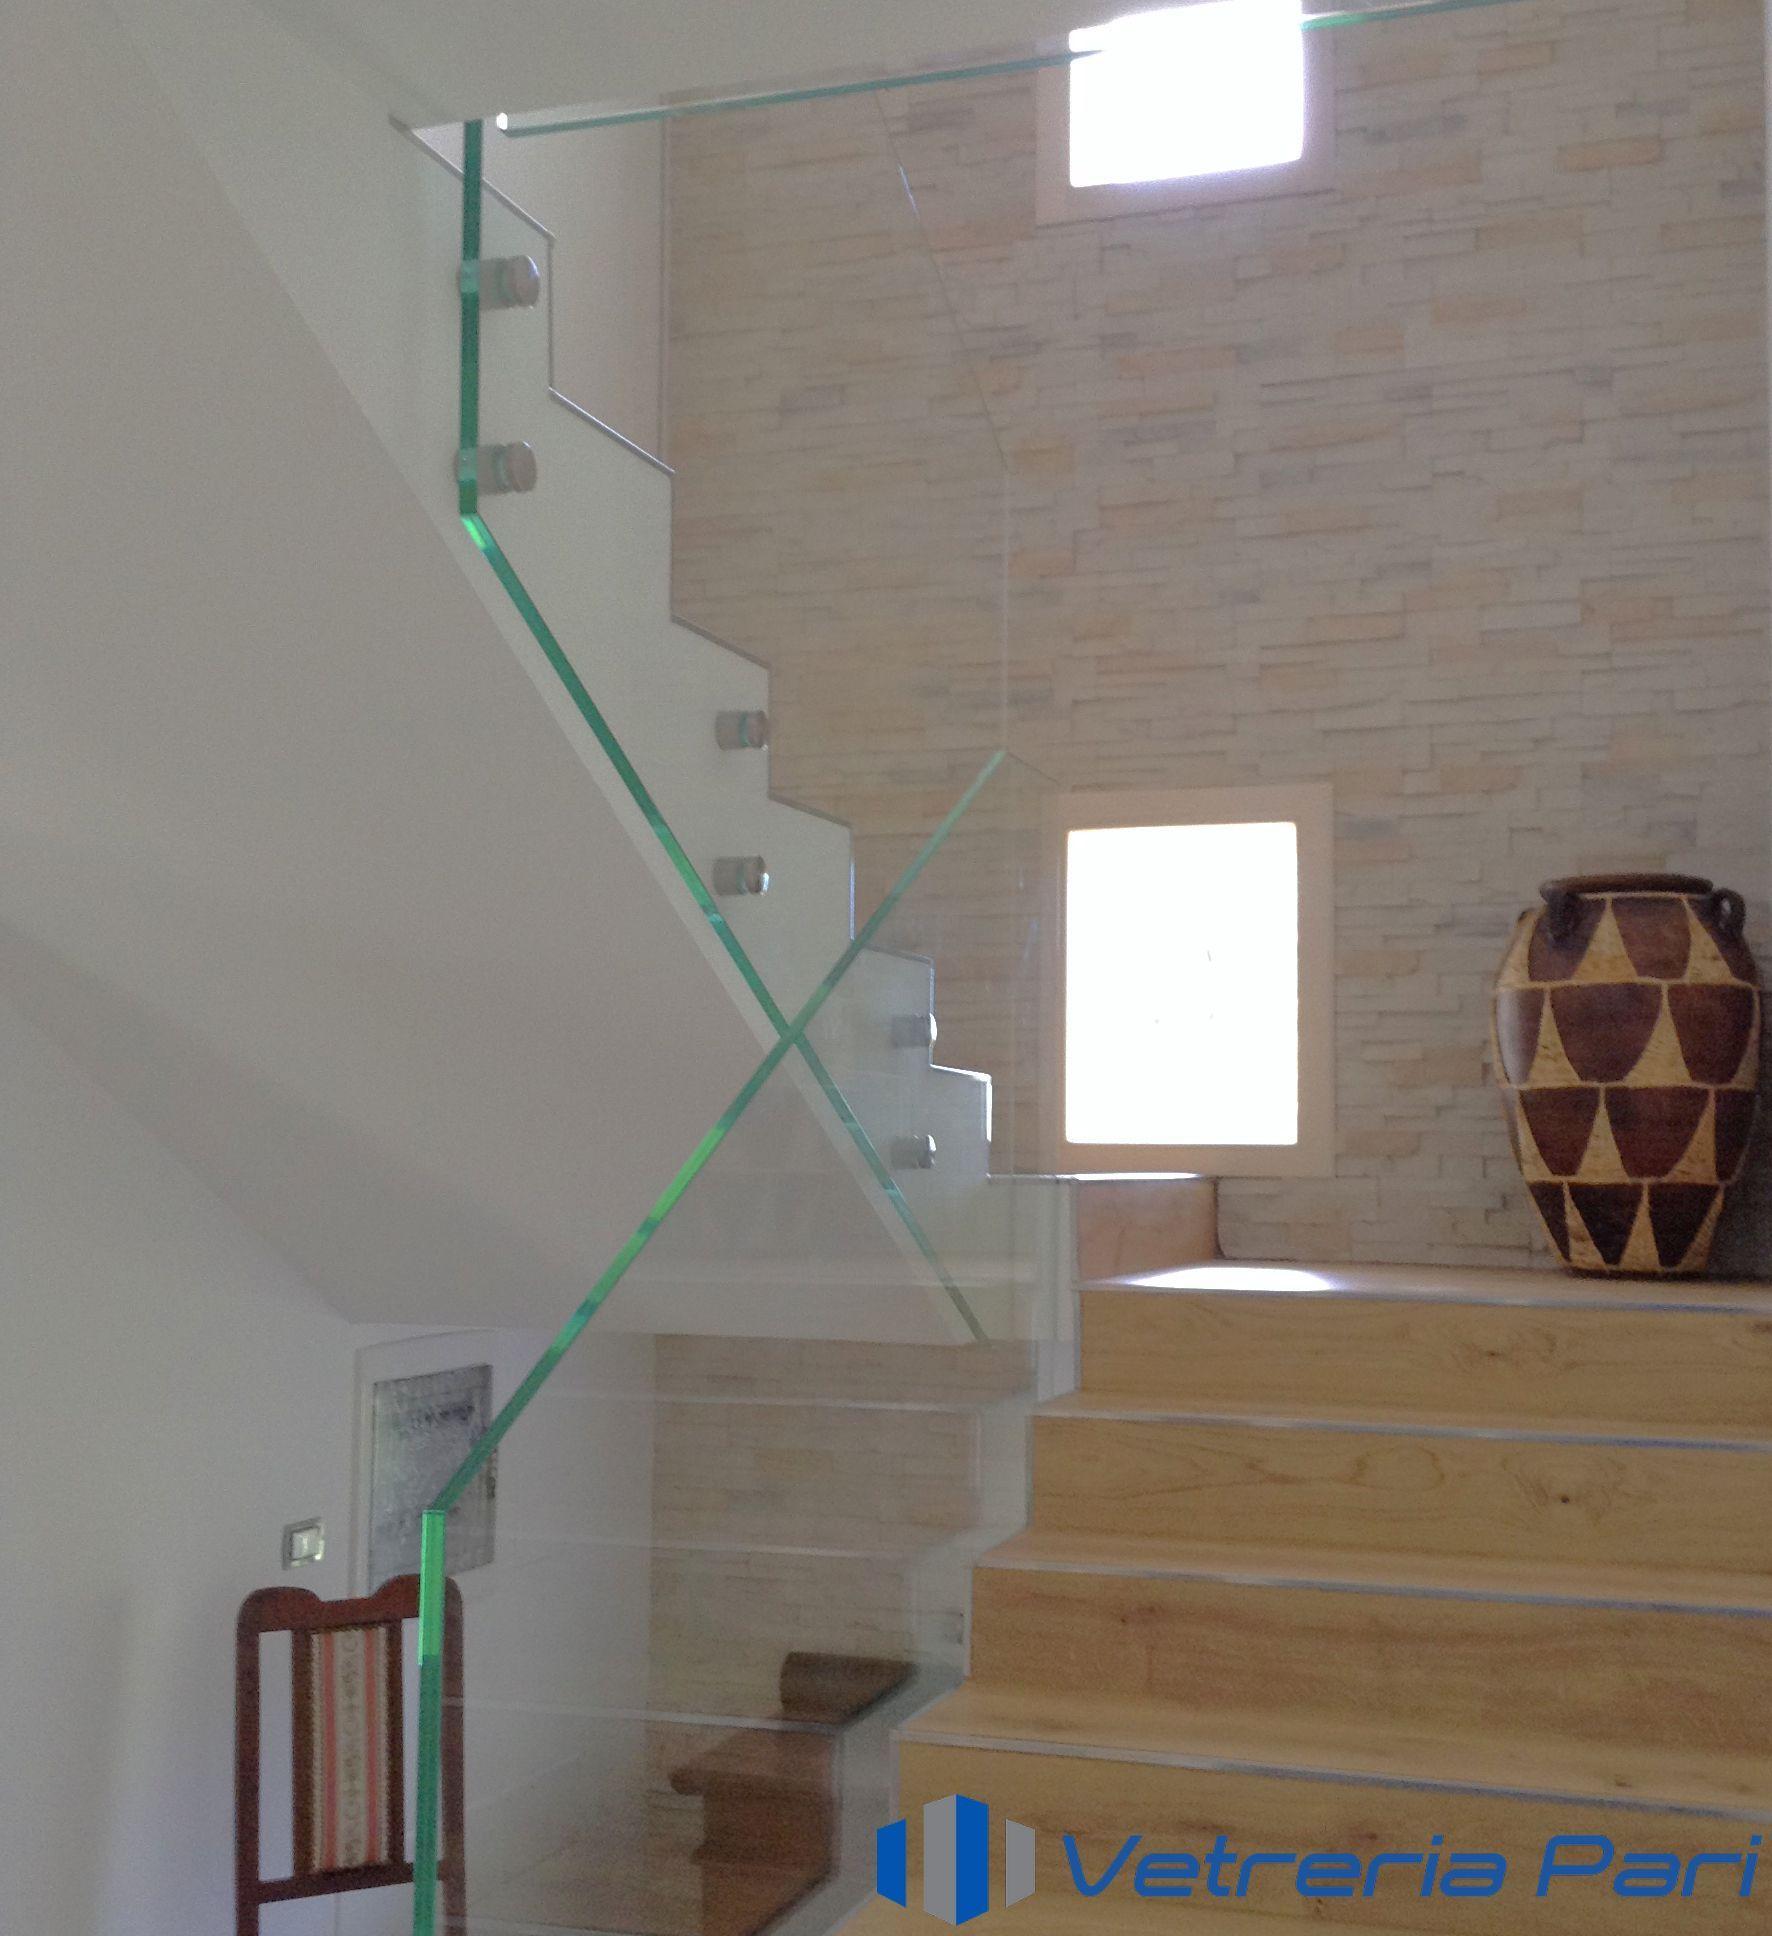 Parapetti In Vetro Per Interni la vetreria pari realizza parapetti in vetro per interni su